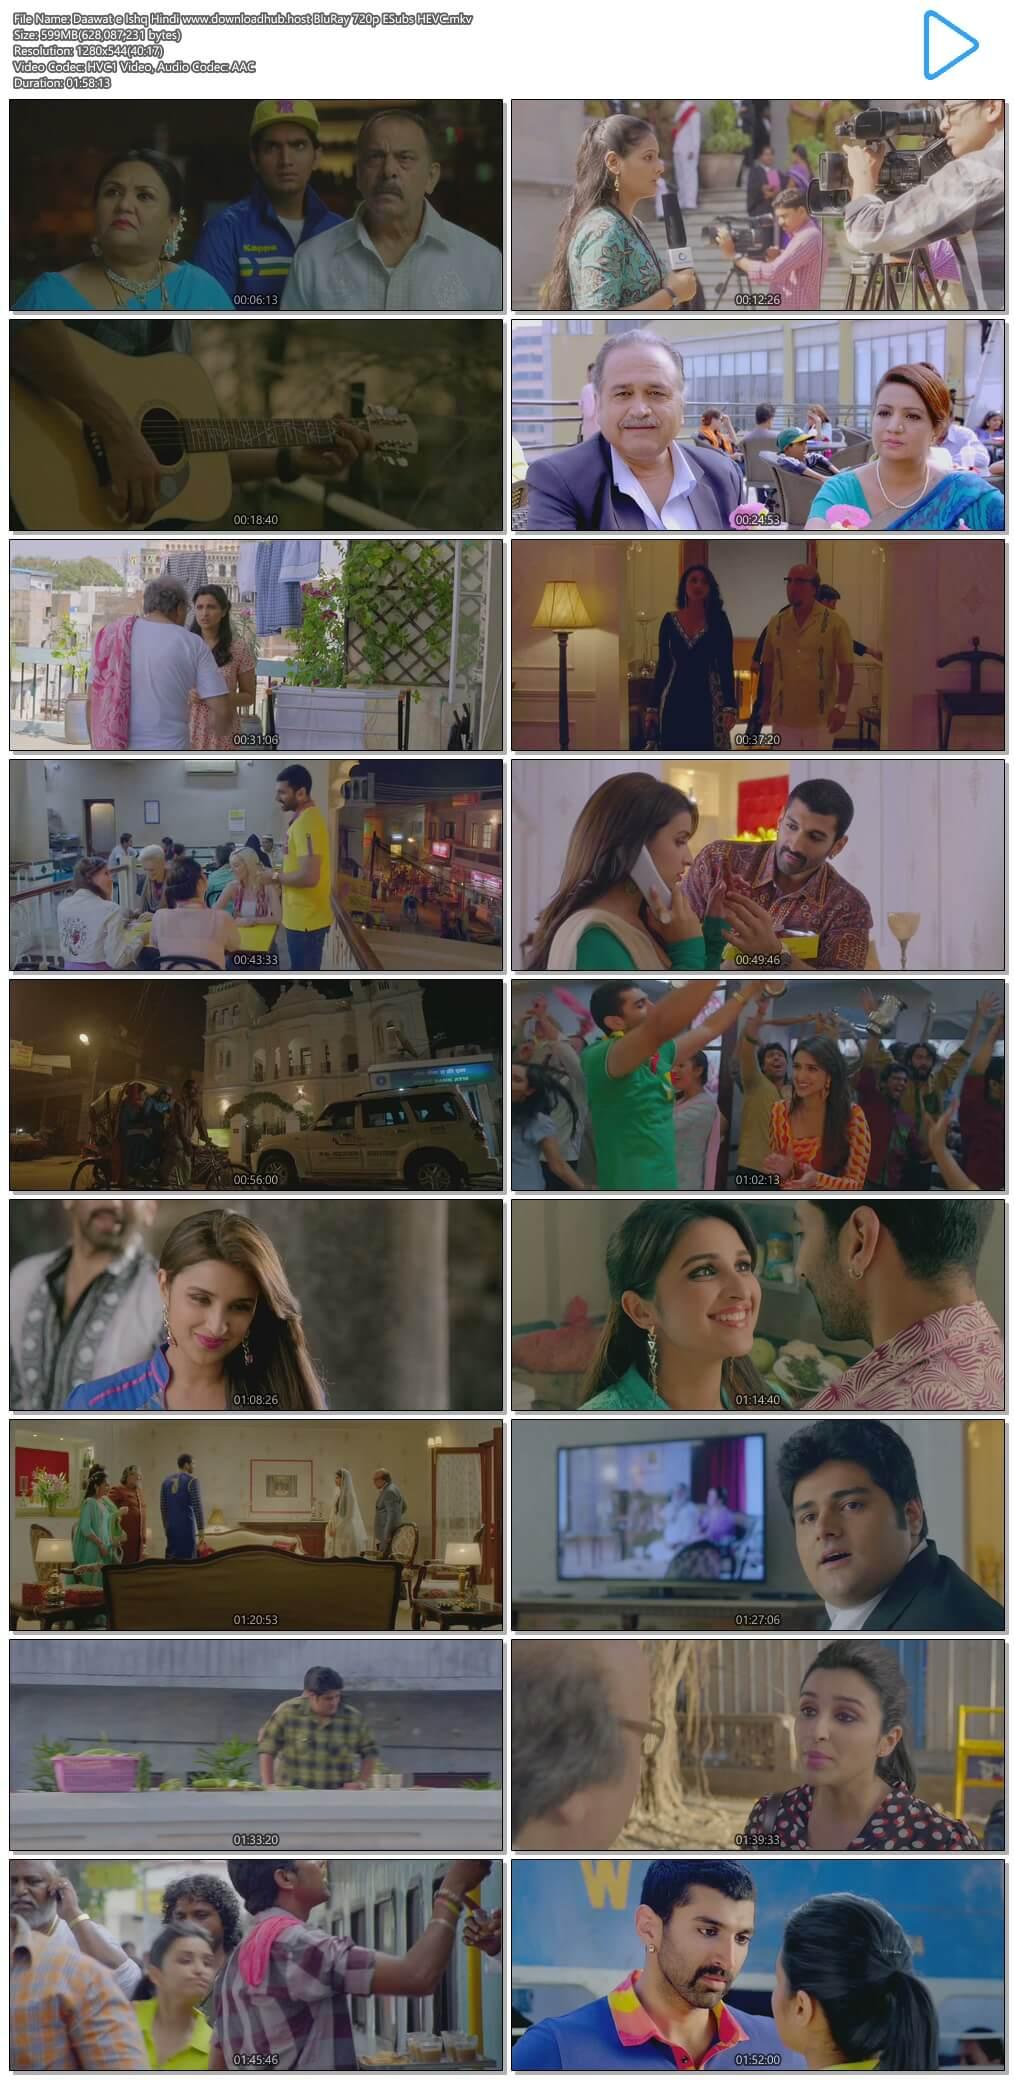 Daawat e Ishq 2014 Hindi 600MB BluRay 720p ESubs HEVC